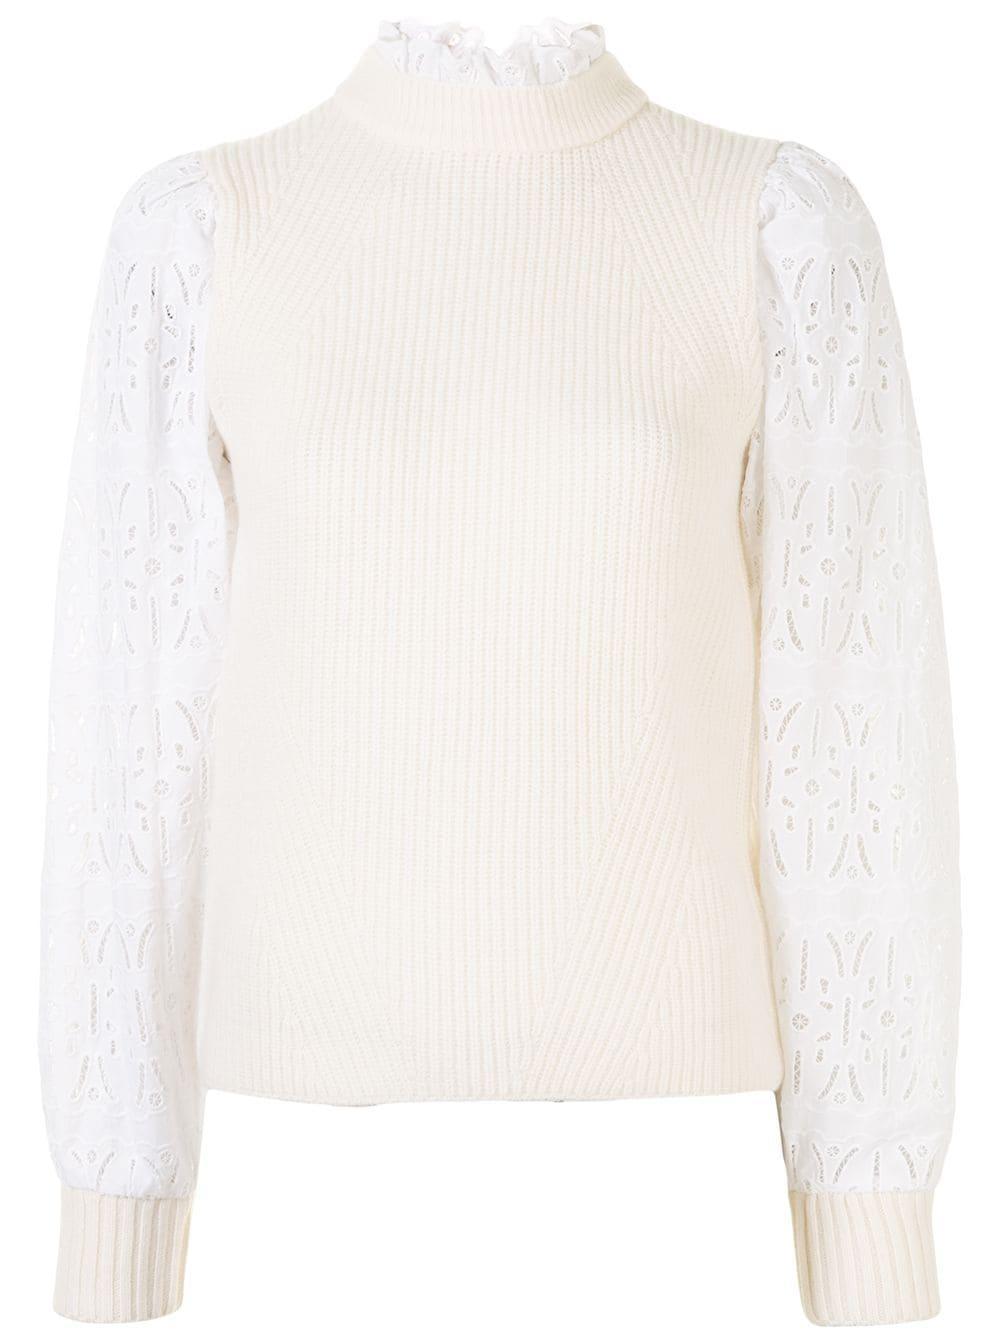 Iris Sweater Item # AW20-47